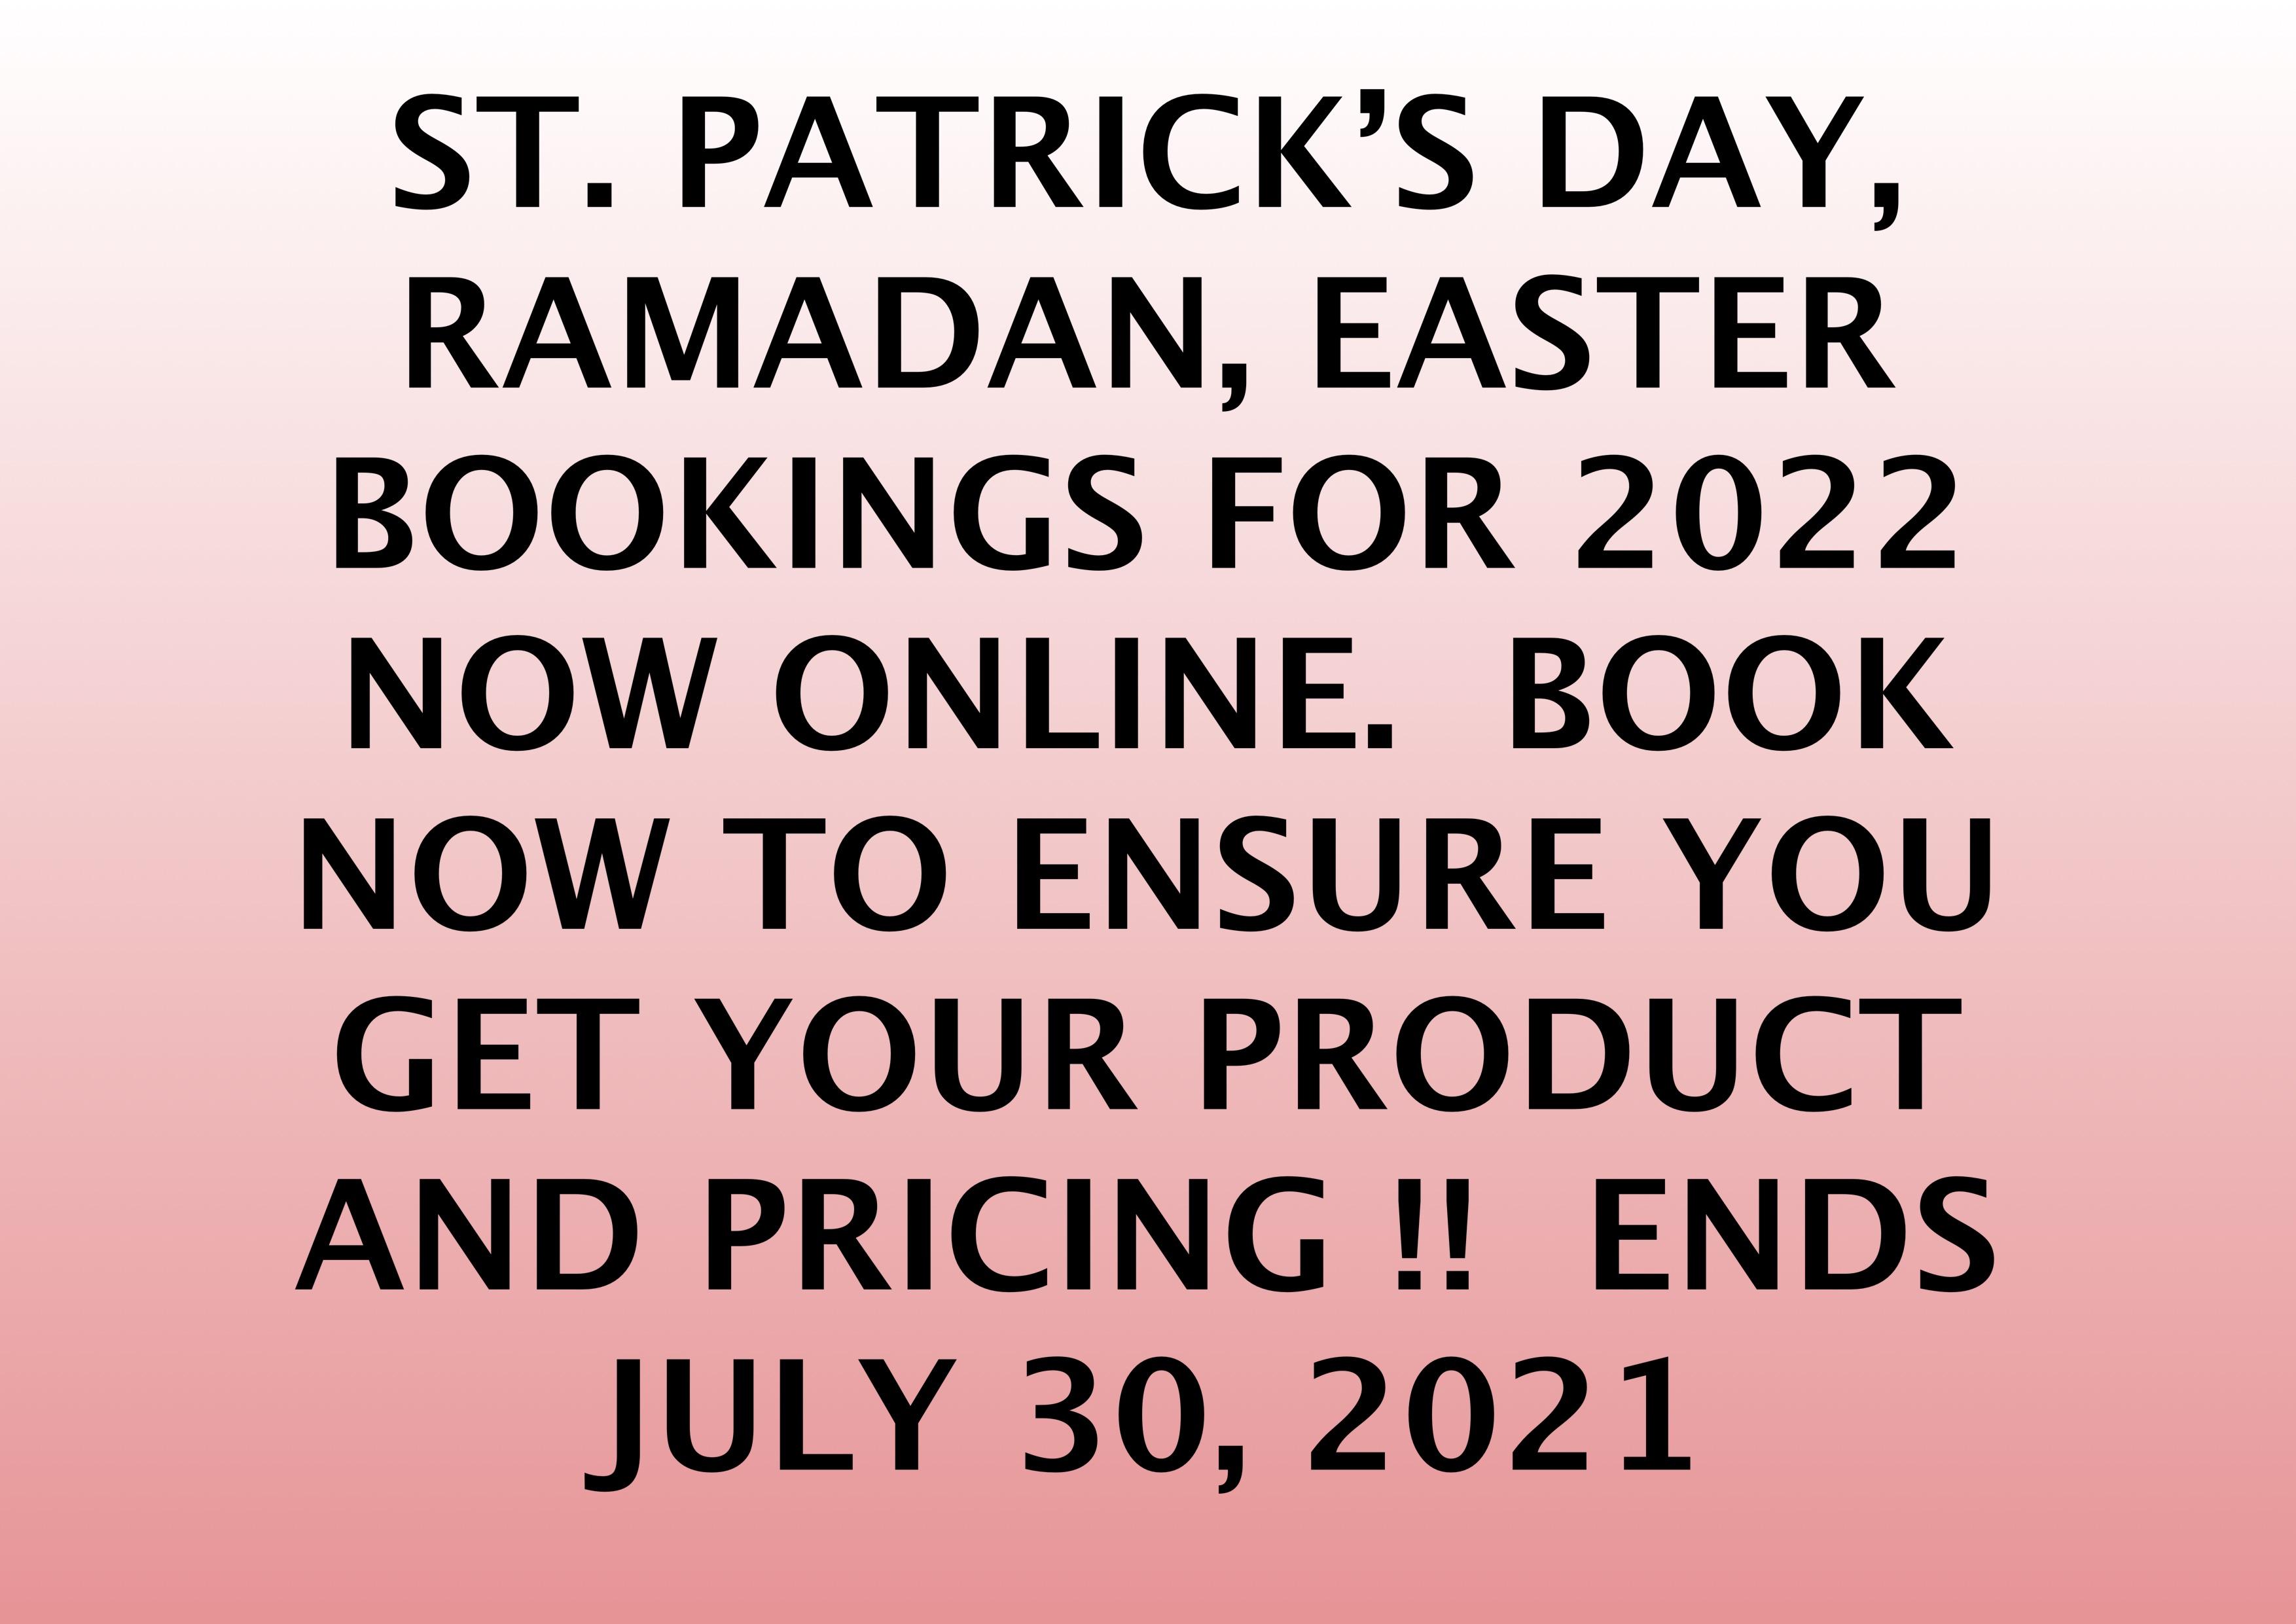 BOOKINGS 2022